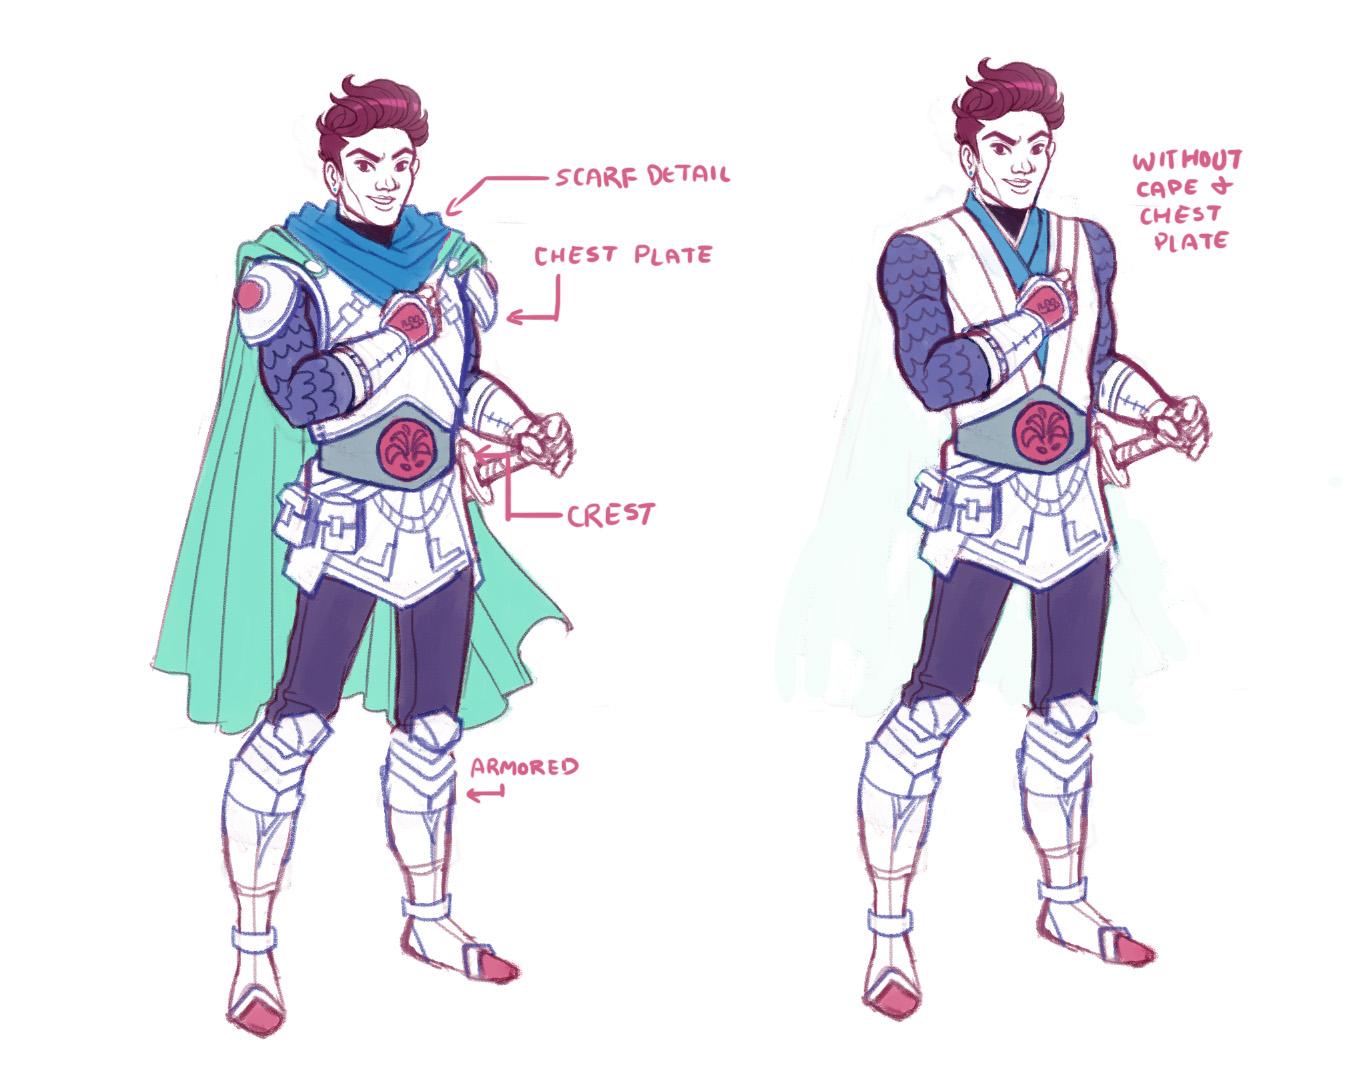 Final Prince Pete design.